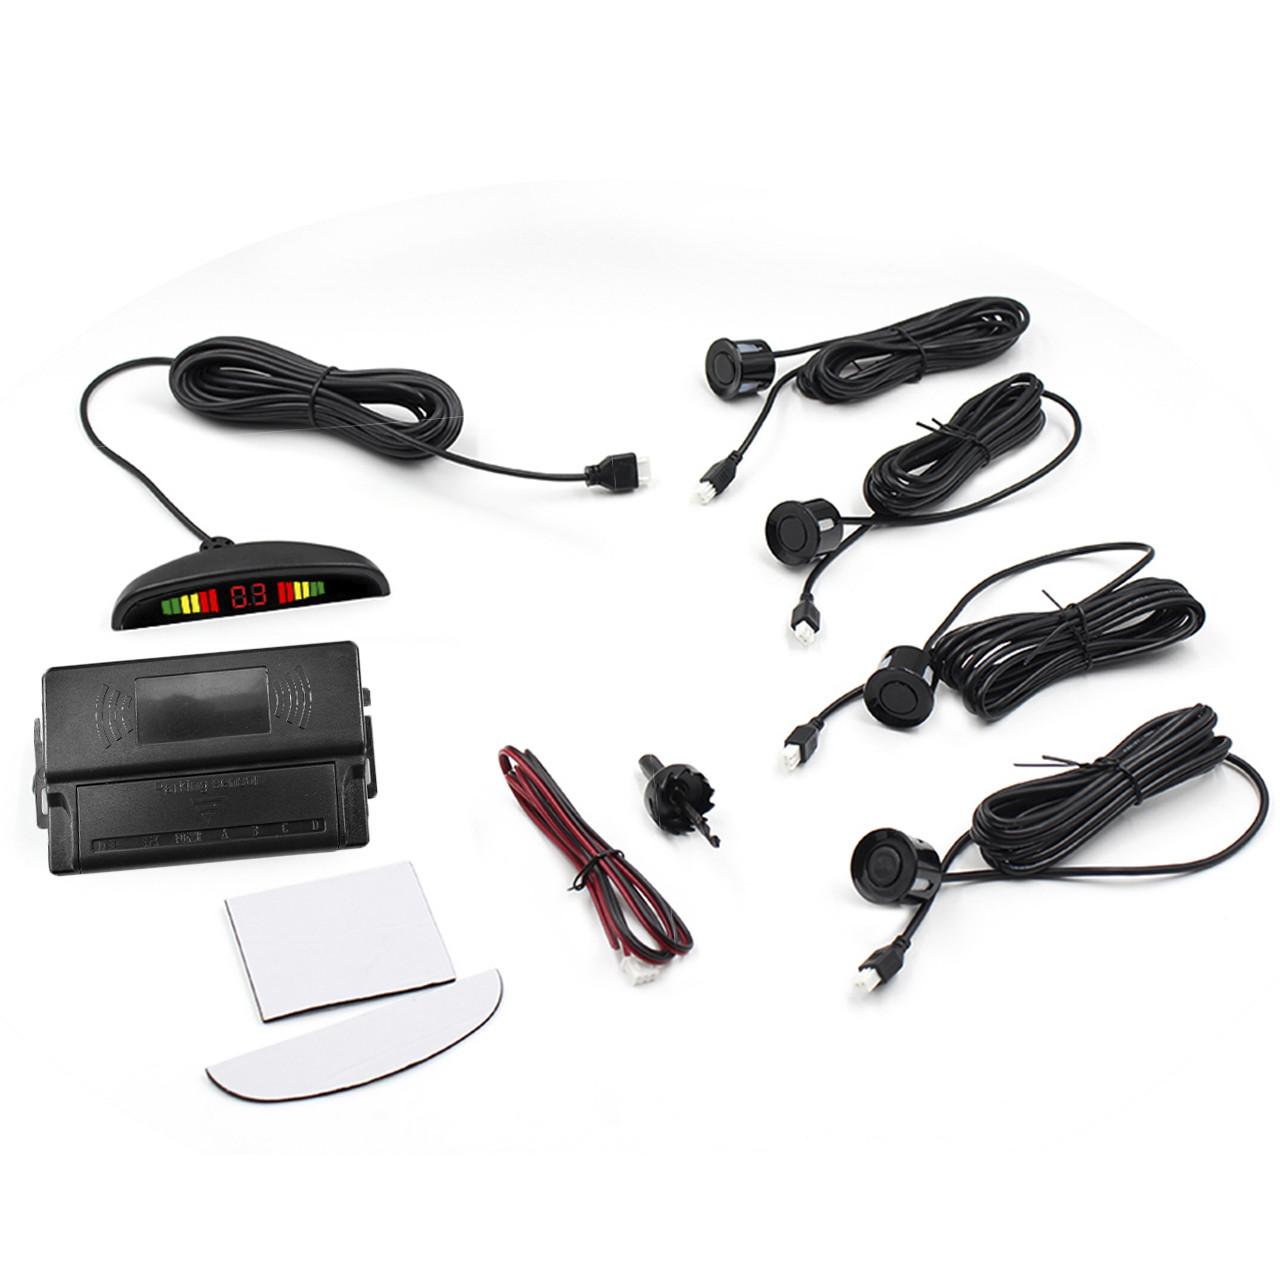 ➀Датчик паркування ParkCity з LED дисплеєм N887 Black detectors 4 датчика індикація паркторник для автомобіля